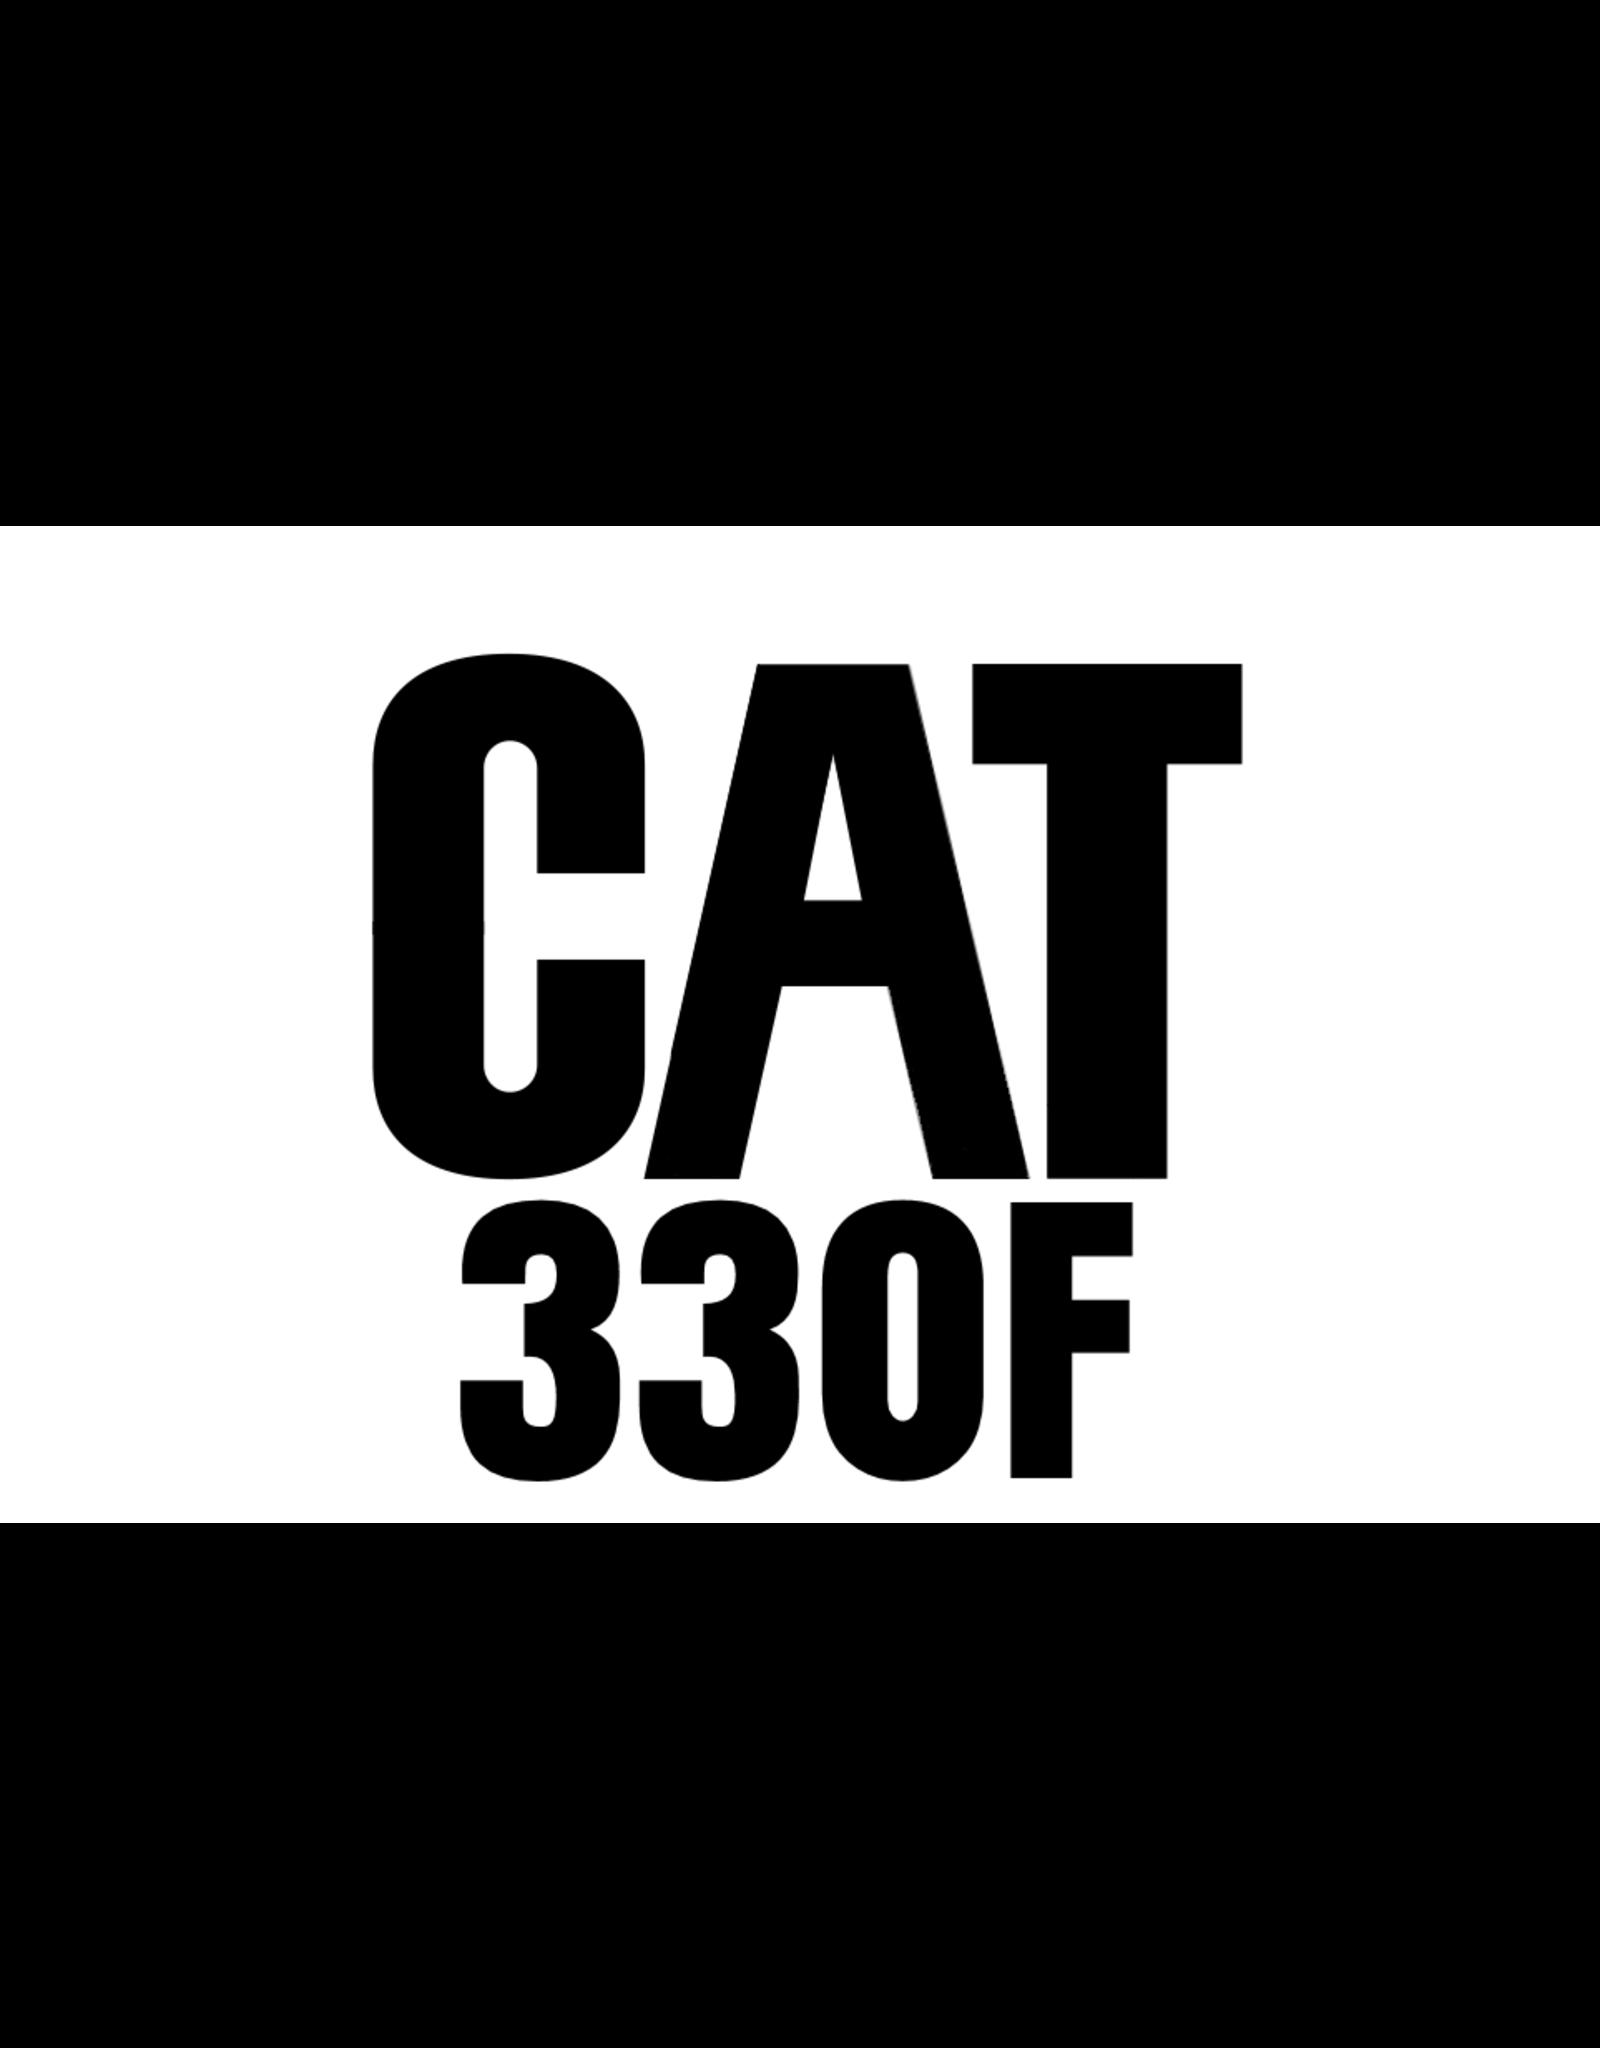 Echle Hartstahl GmbH FOPS pour CAT 330F